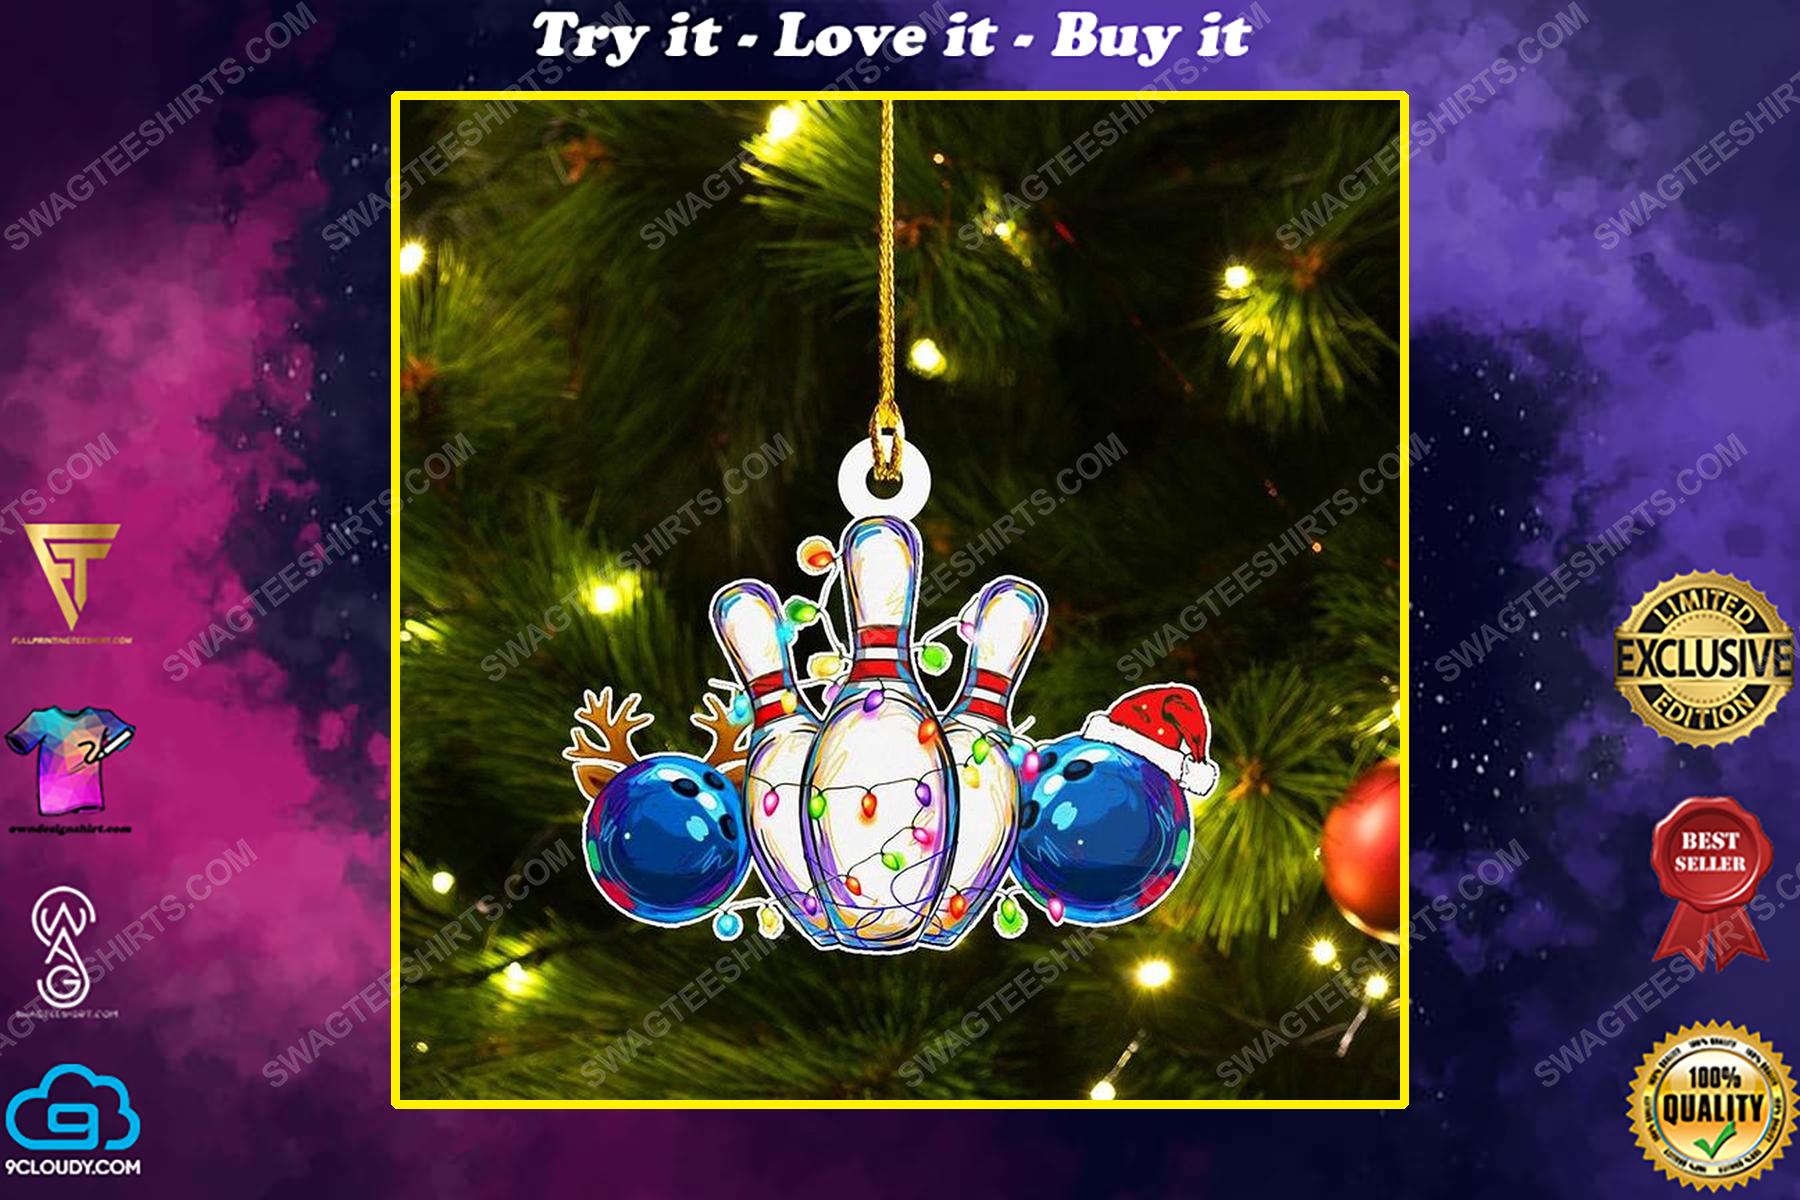 Bowling and christmas light christmas gift ornament